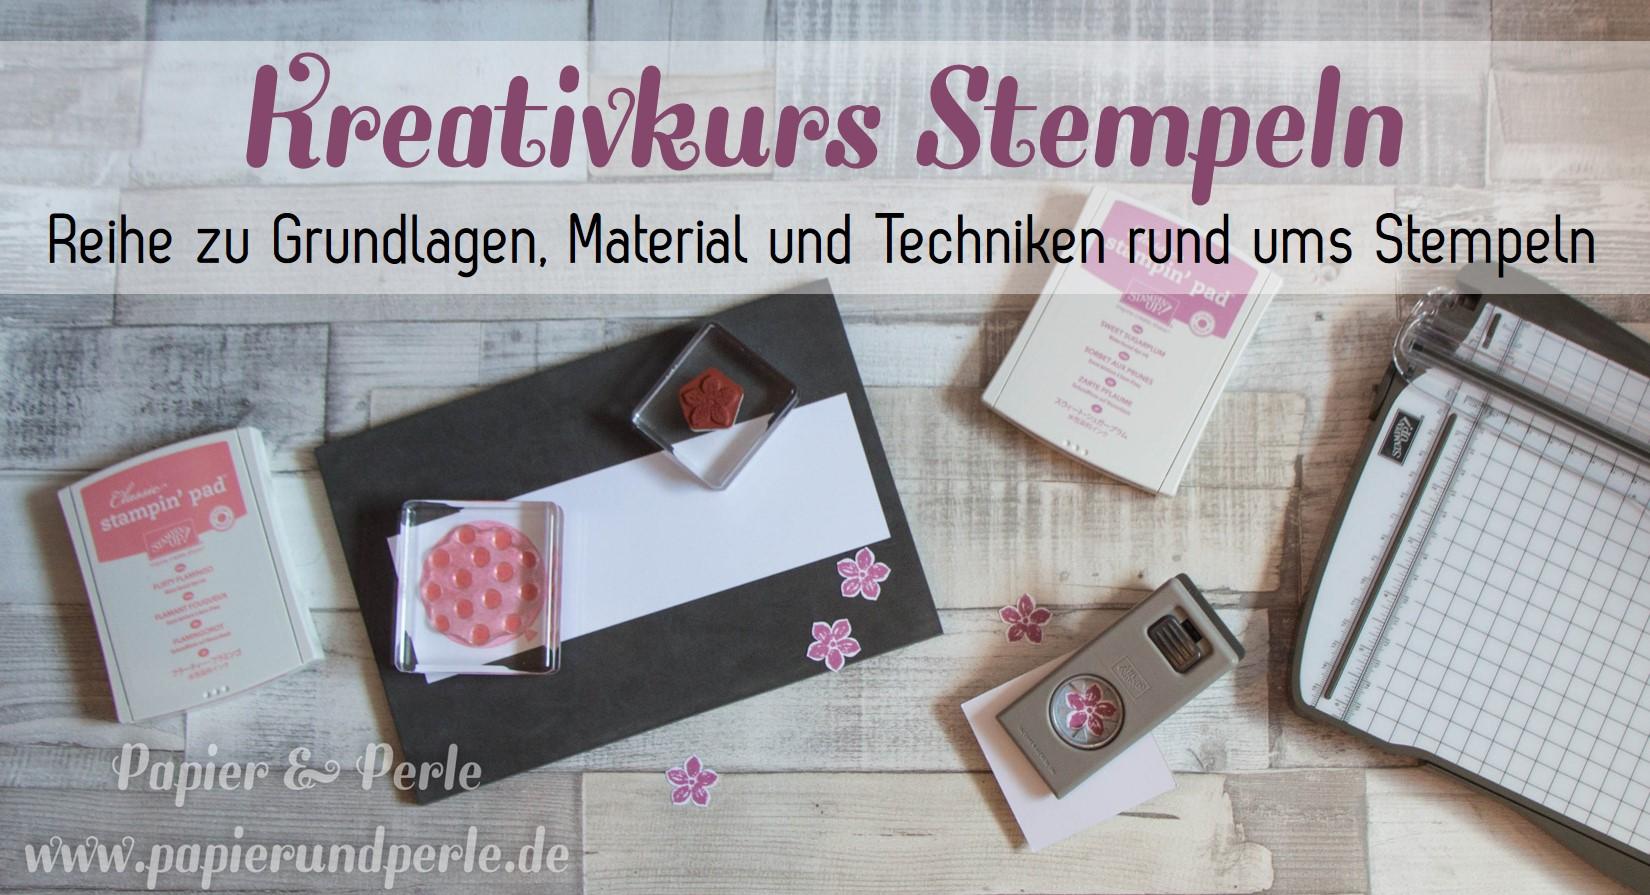 Kreativkurs Stempeln, eine Reihe zu Grundlagen, Material und Techniken rund ums Stempeln